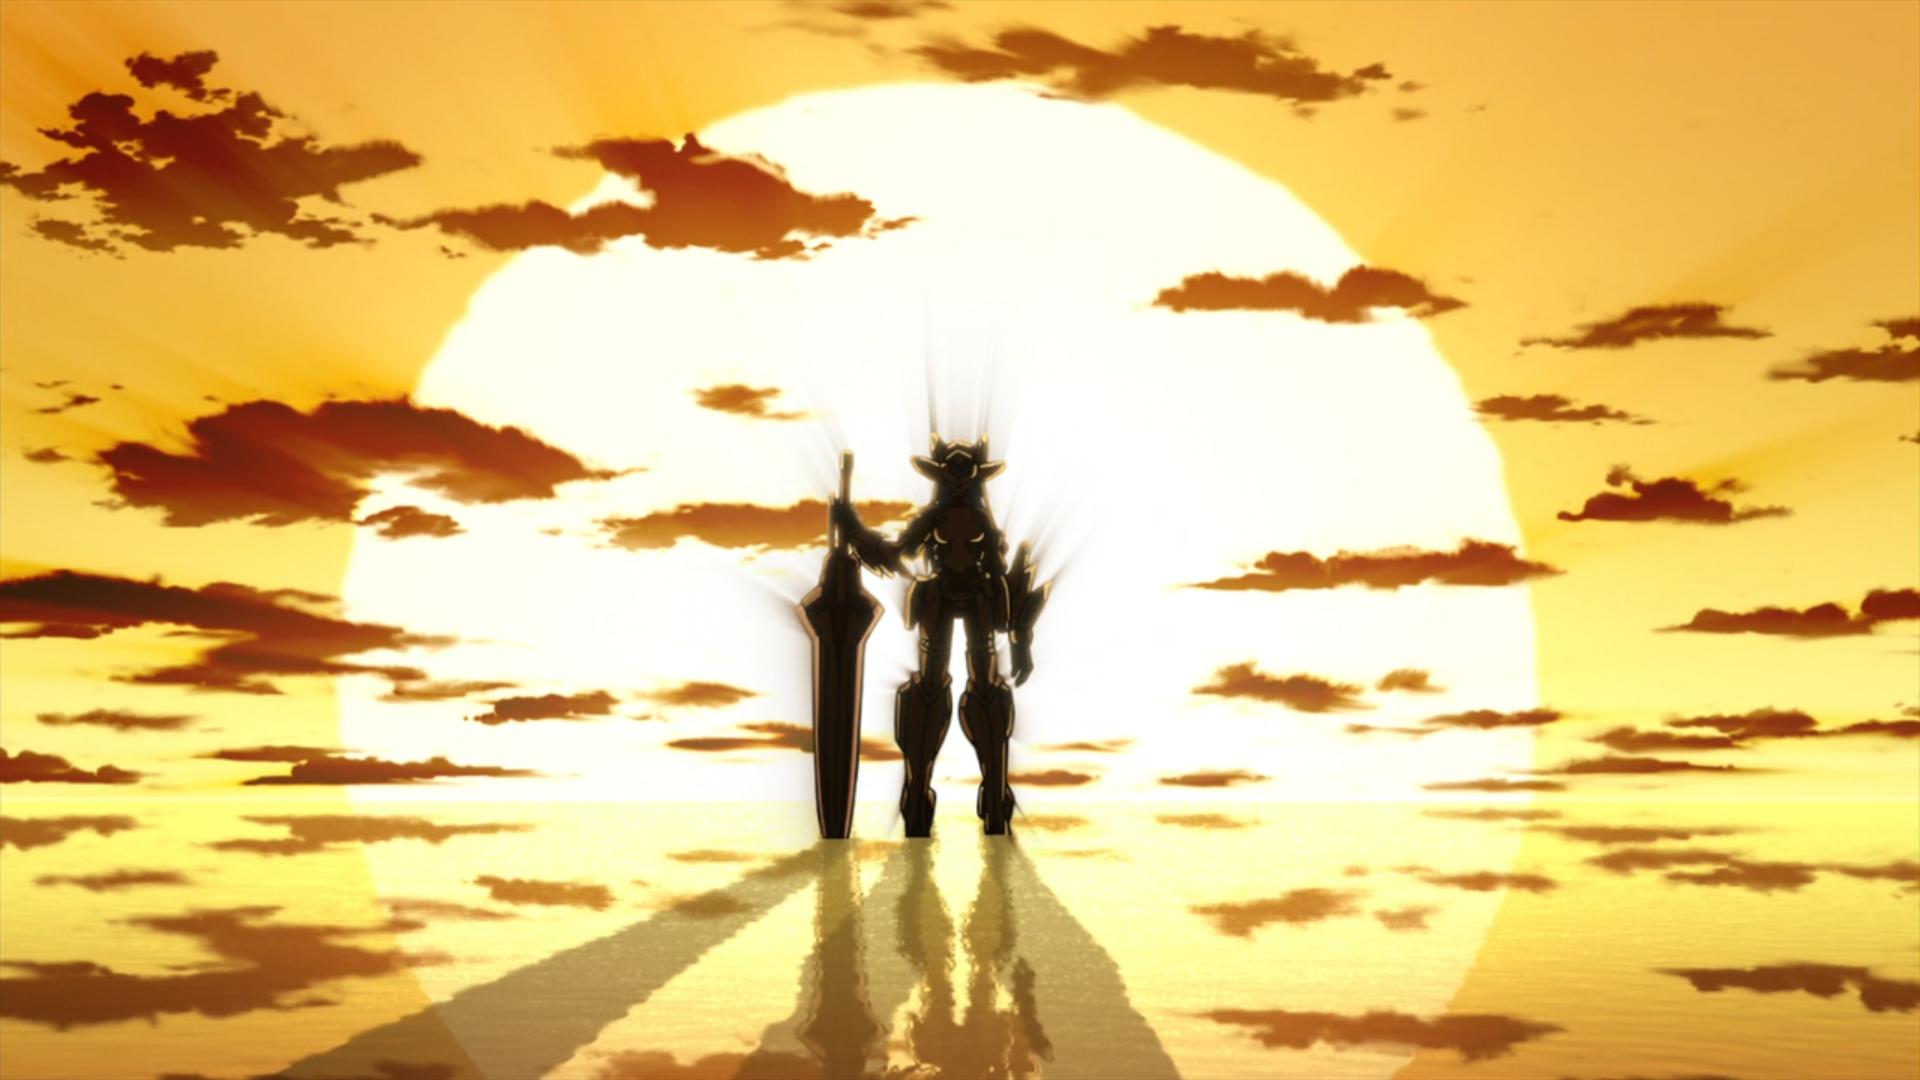 картинки на аниме бесконечные небеса